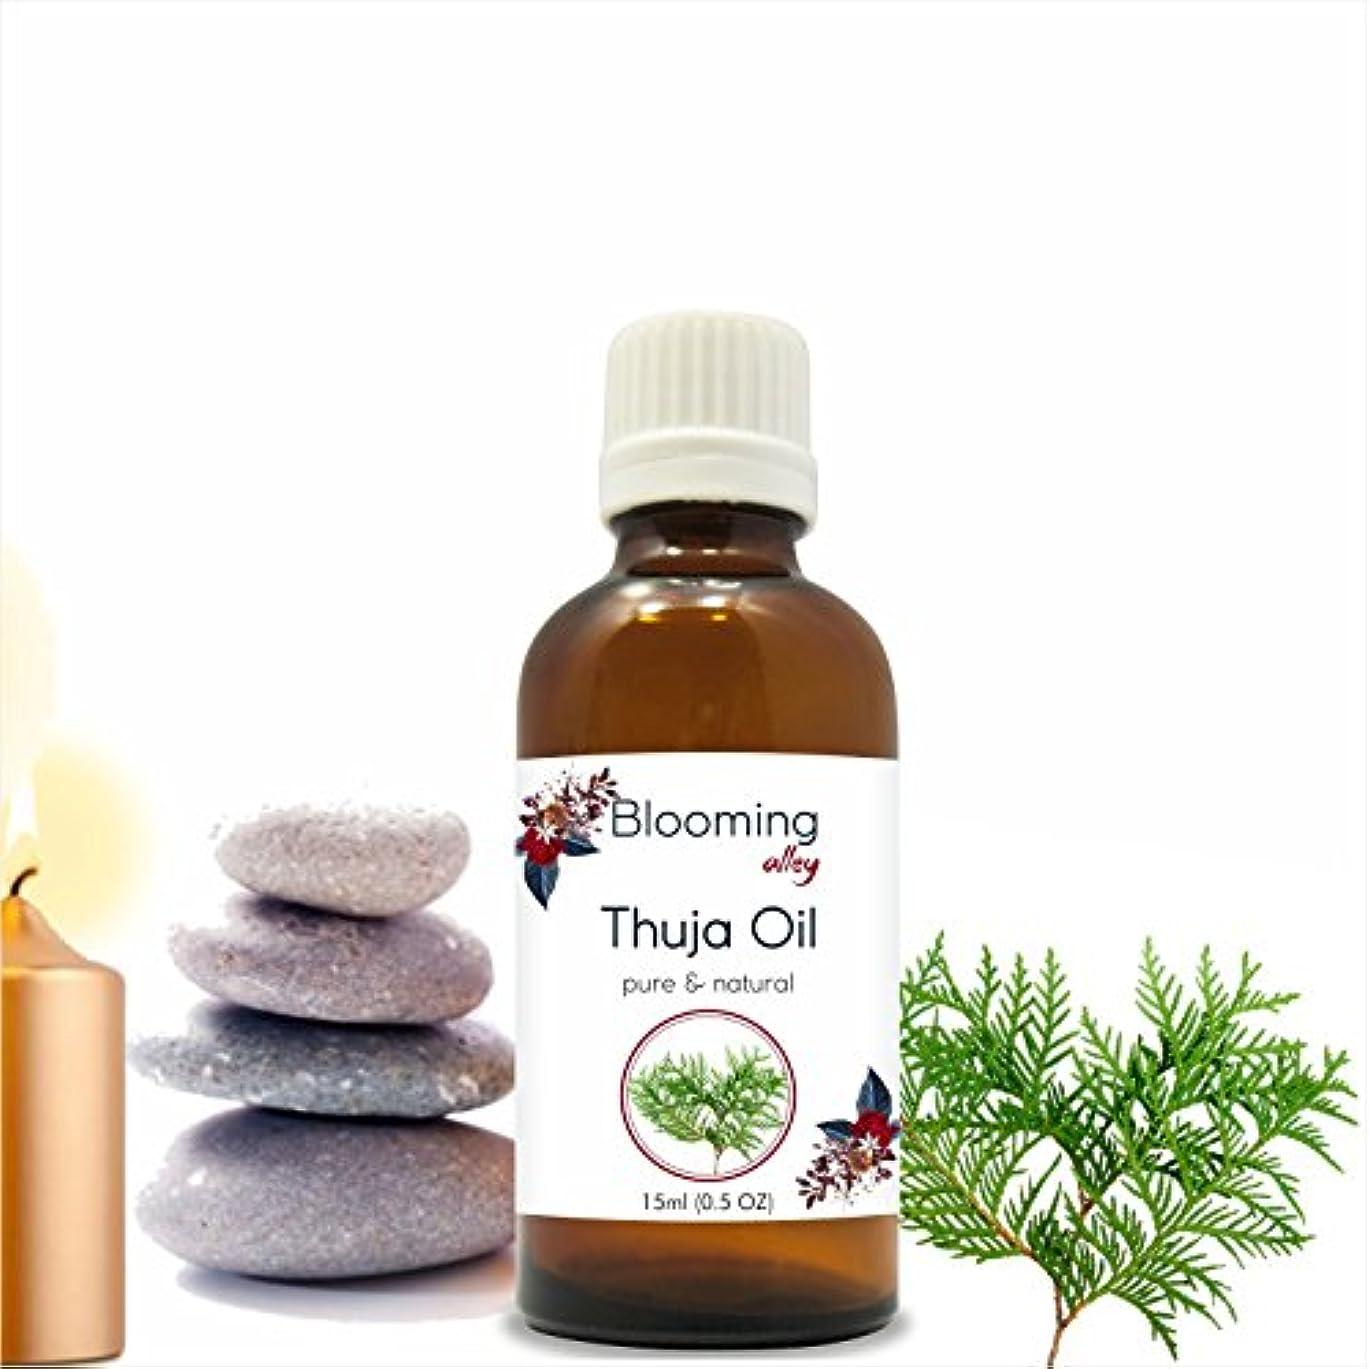 作成者骨折トランクライブラリThuja Oil(Thuja Orientali) Essential Oil 15 ml or .50 Fl Oz by Blooming Alley